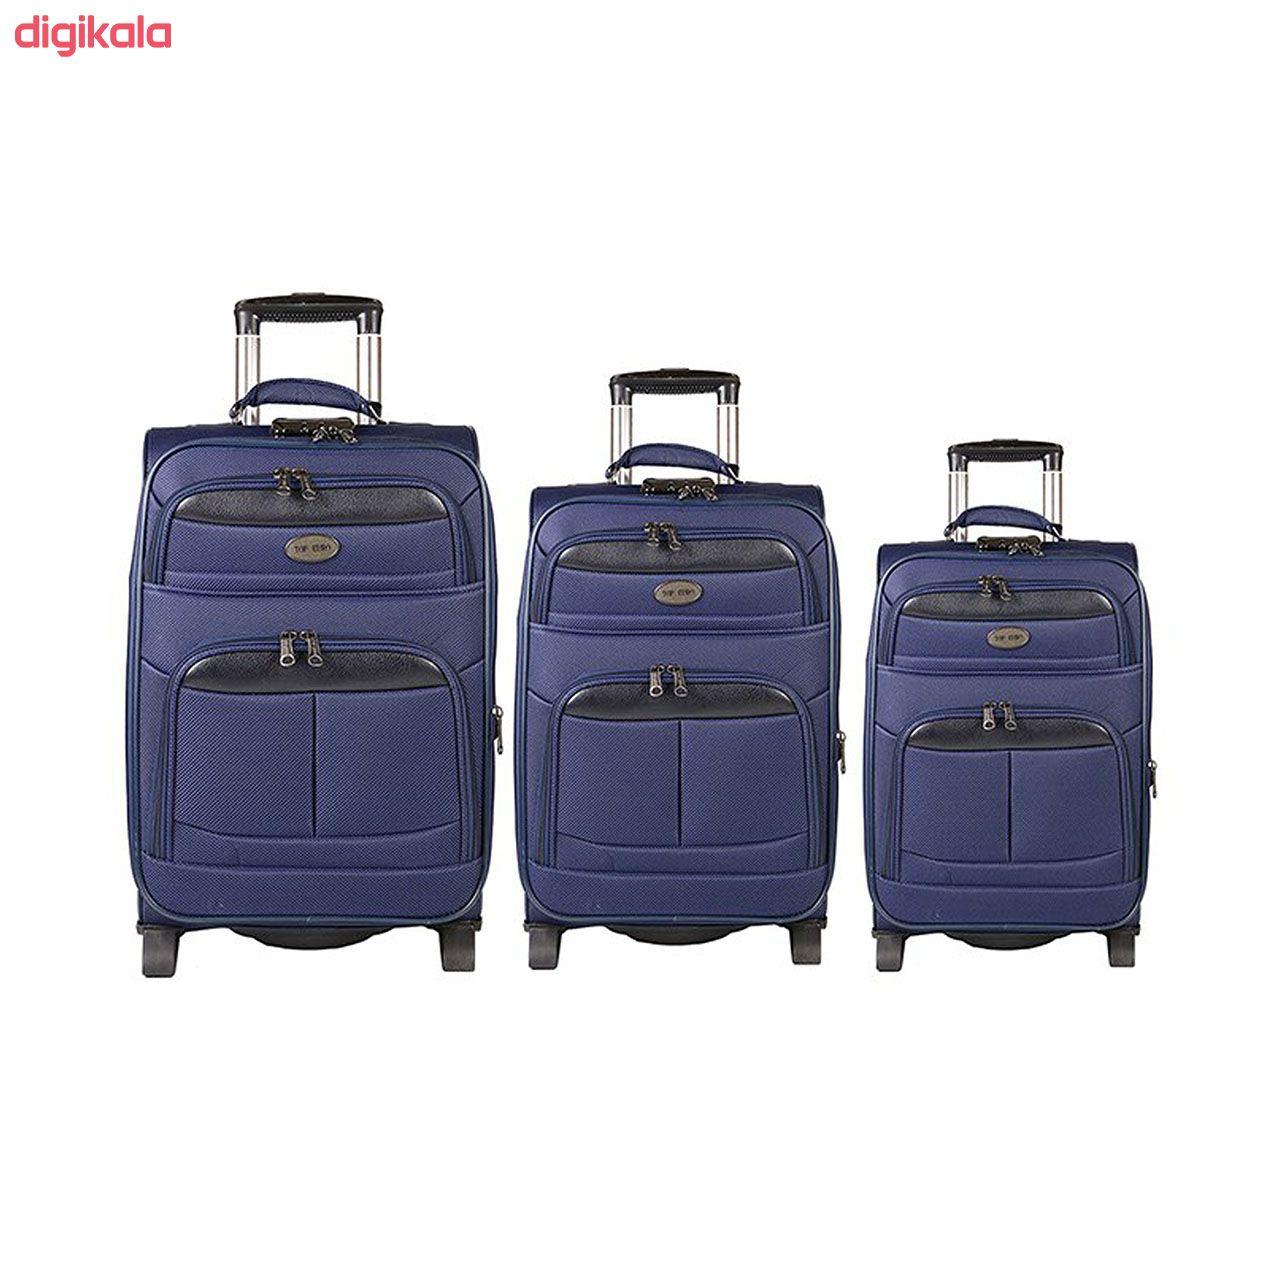 مجموعه سه عددی چمدان مدل تاپ یورو2 main 1 4